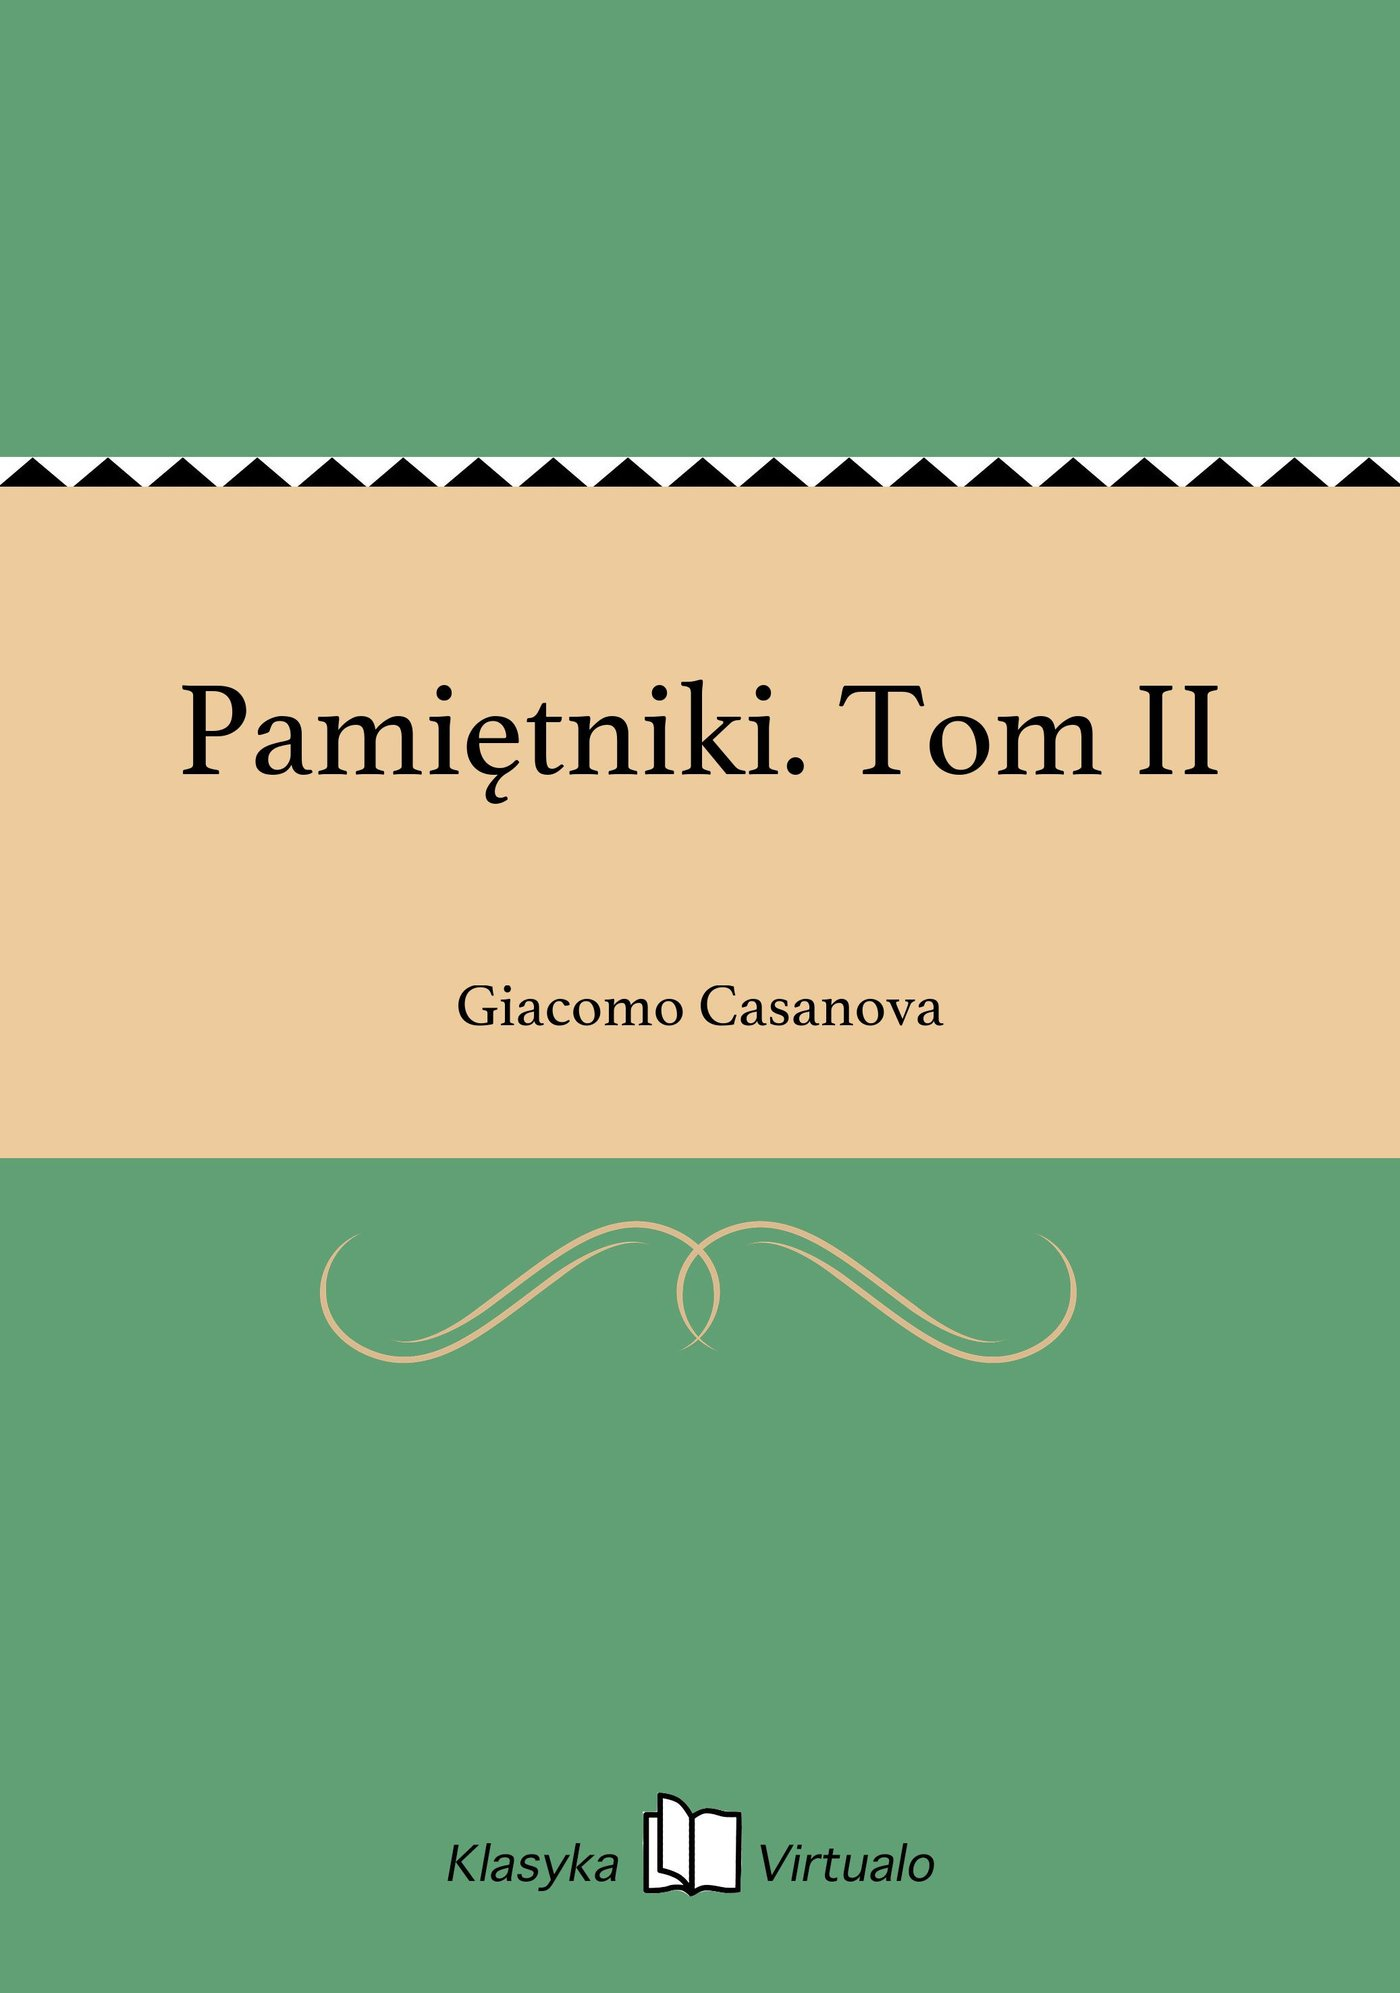 Pamiętniki. Tom II - Ebook (Książka EPUB) do pobrania w formacie EPUB